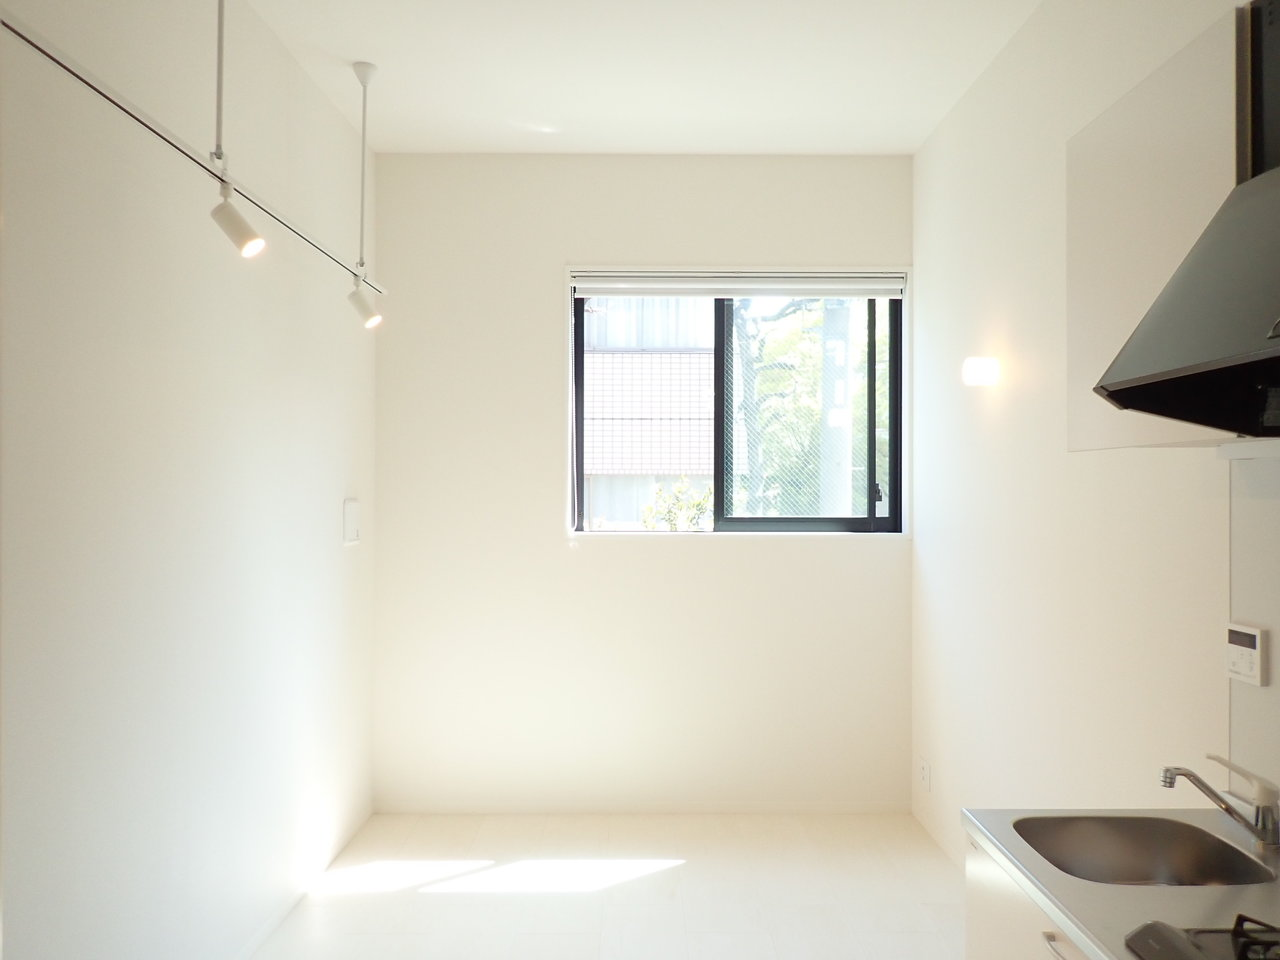 天井が高めなので、ワンルームでも開放感があるんですね。